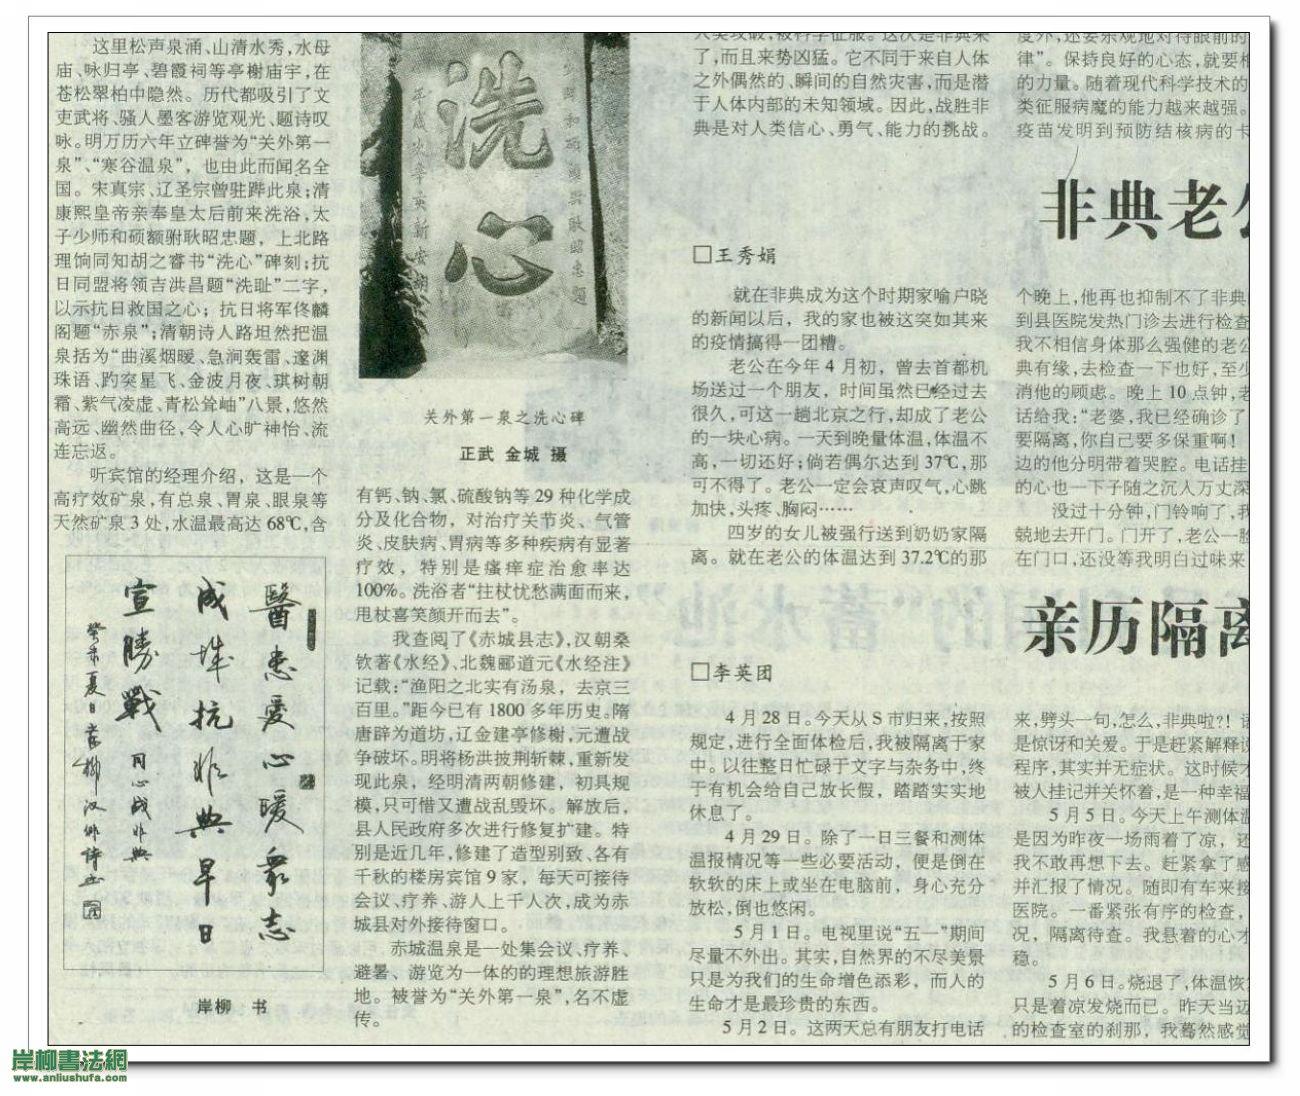 【2003年抗击非典、2008年汶川抗震】岸柳书法作品